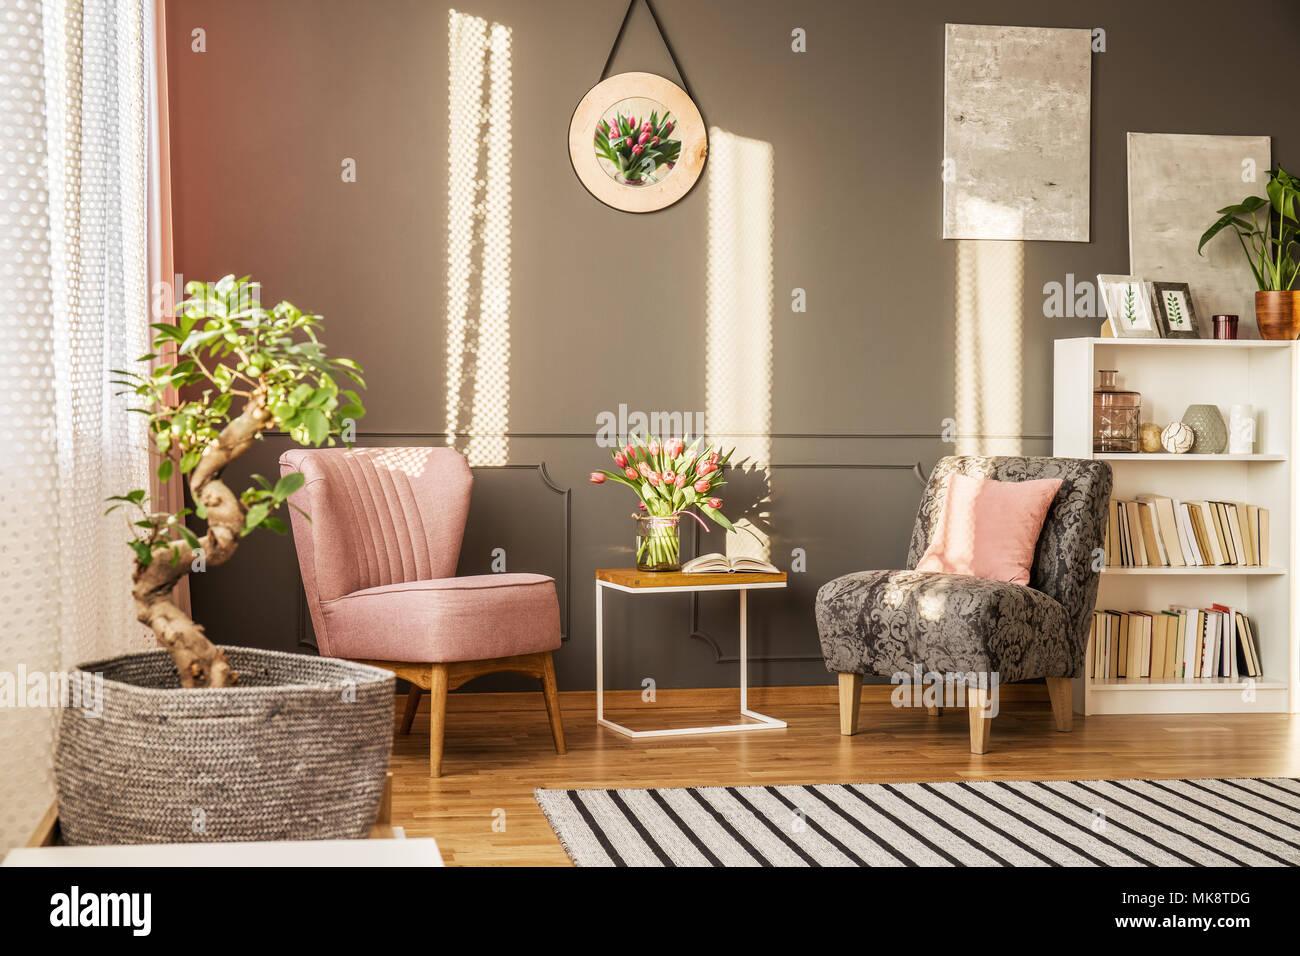 Bonsai Baum Im Eleganten Wohnzimmer Interieur Mit Blumen Auf Dem Tisch  Zwischen Rosa Und Grauen Sessel